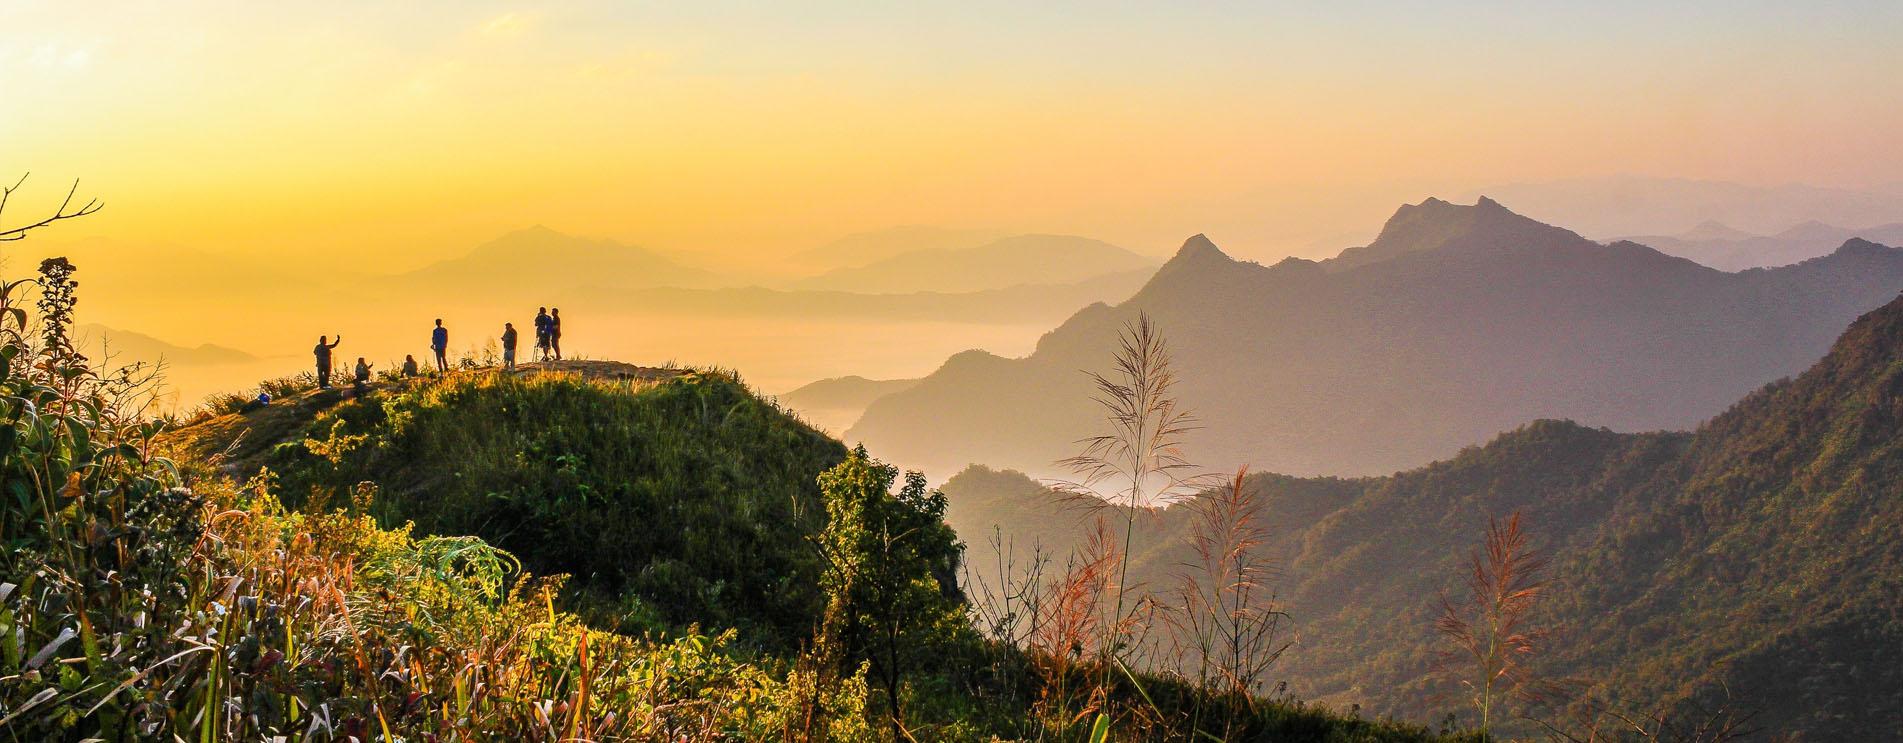 Wandern mit Profis – Geführte Wanderungen und Wanderferien